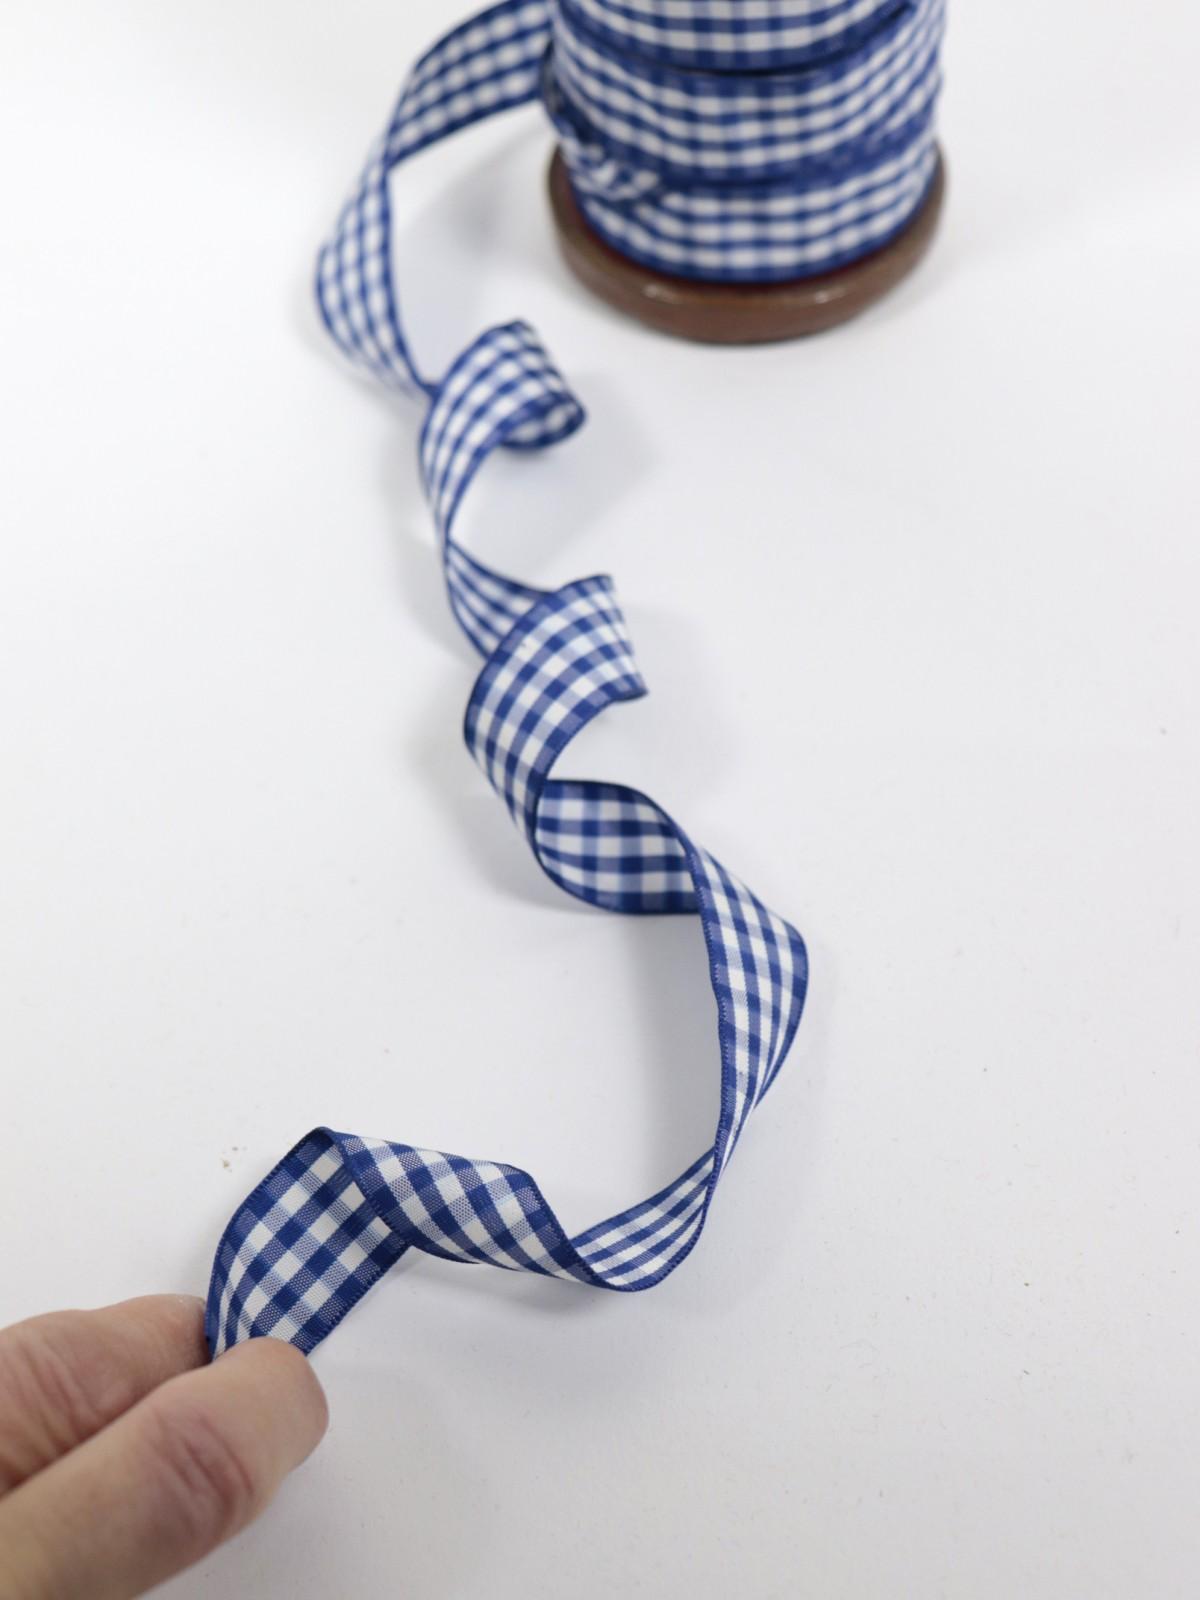 France, Parts, ribbon